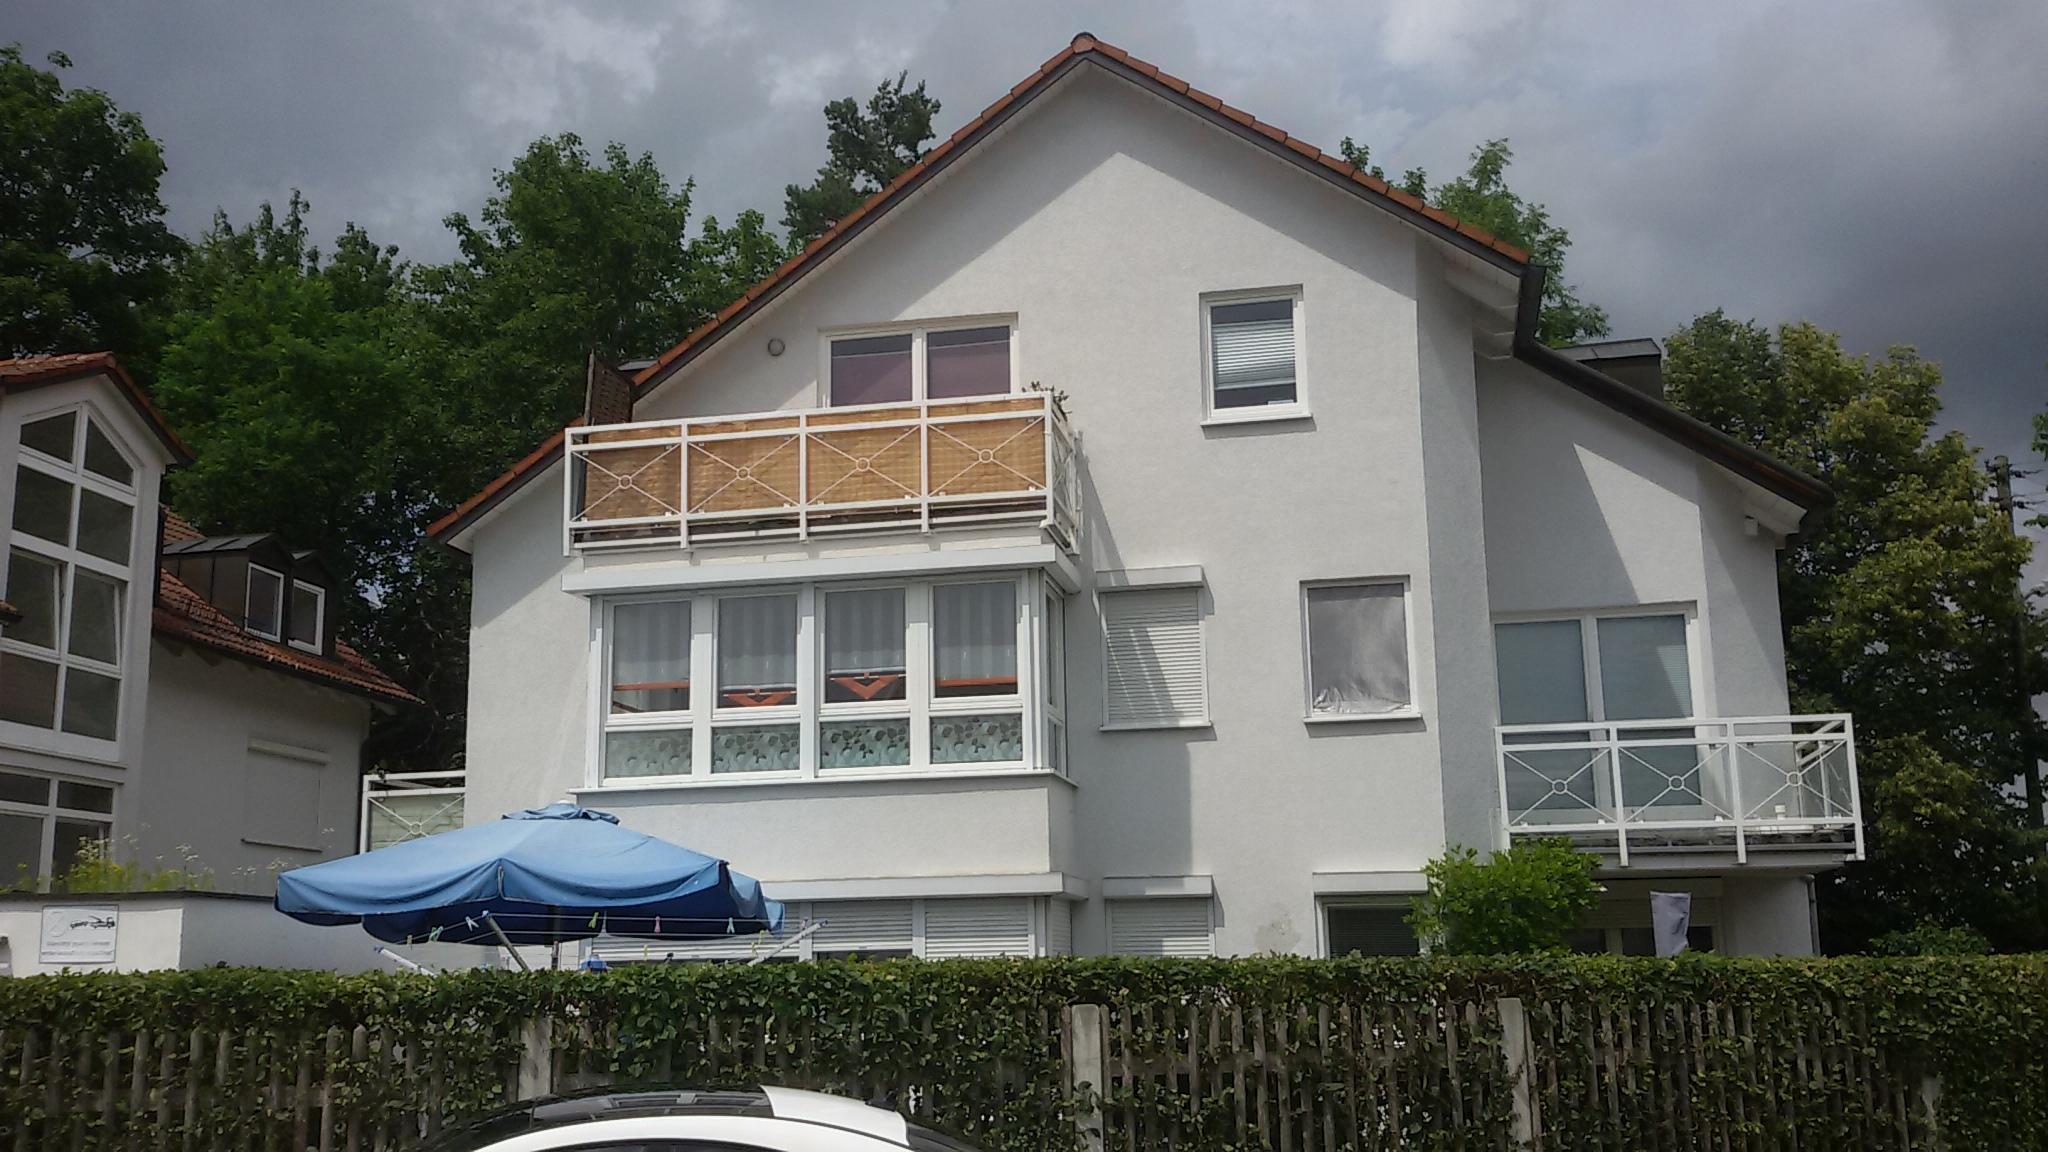 Sonnige, schöne 2,5 Zimmer-Wohnung mit Glaserker und Balkon in München-Pasing